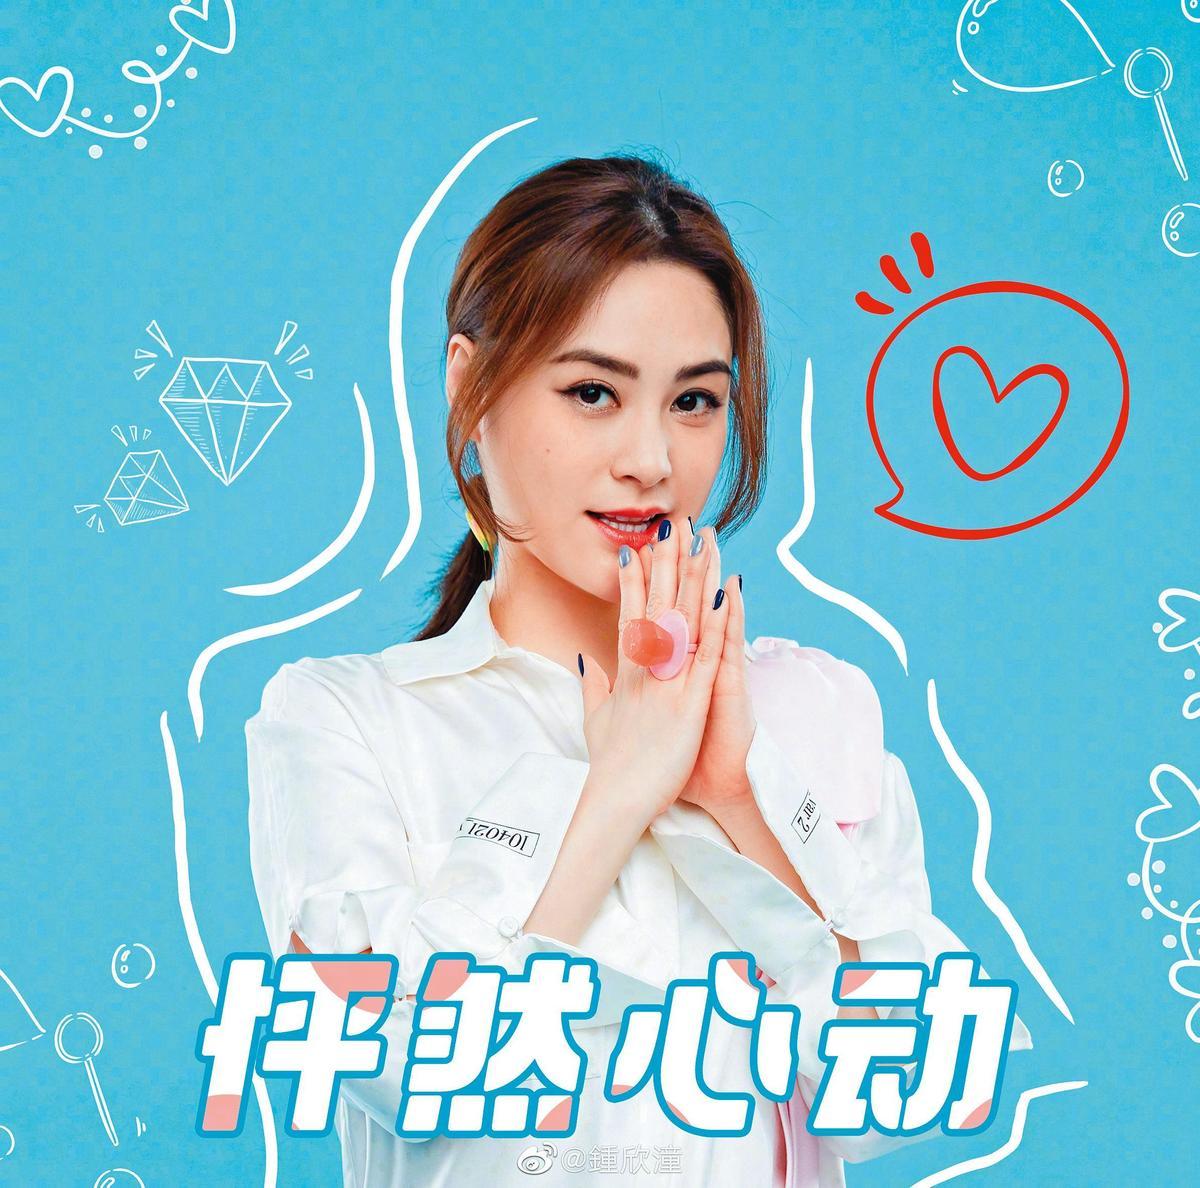 阿嬌上陸綜《怦然心動20歲》,廣告人像和她現在的樣貌相差頗大。(翻攝自鍾欣潼微博)